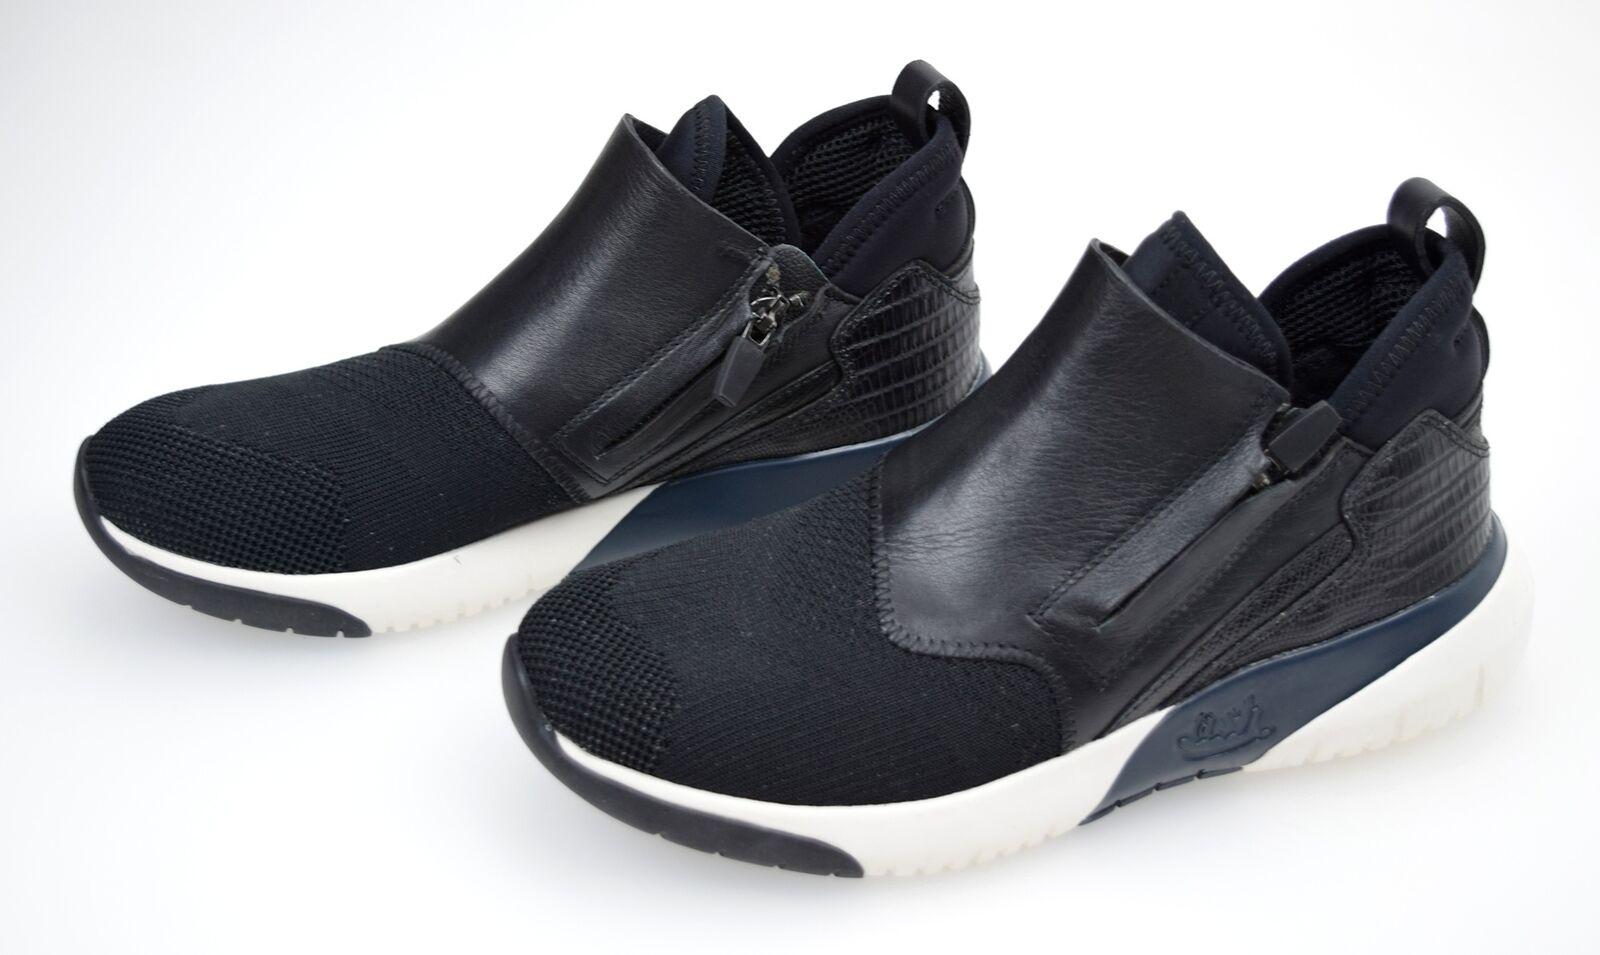 ASH femme baskets chaussures décontractées Temps Libre En Cuir Nylon Shu FW15-S-109879-001